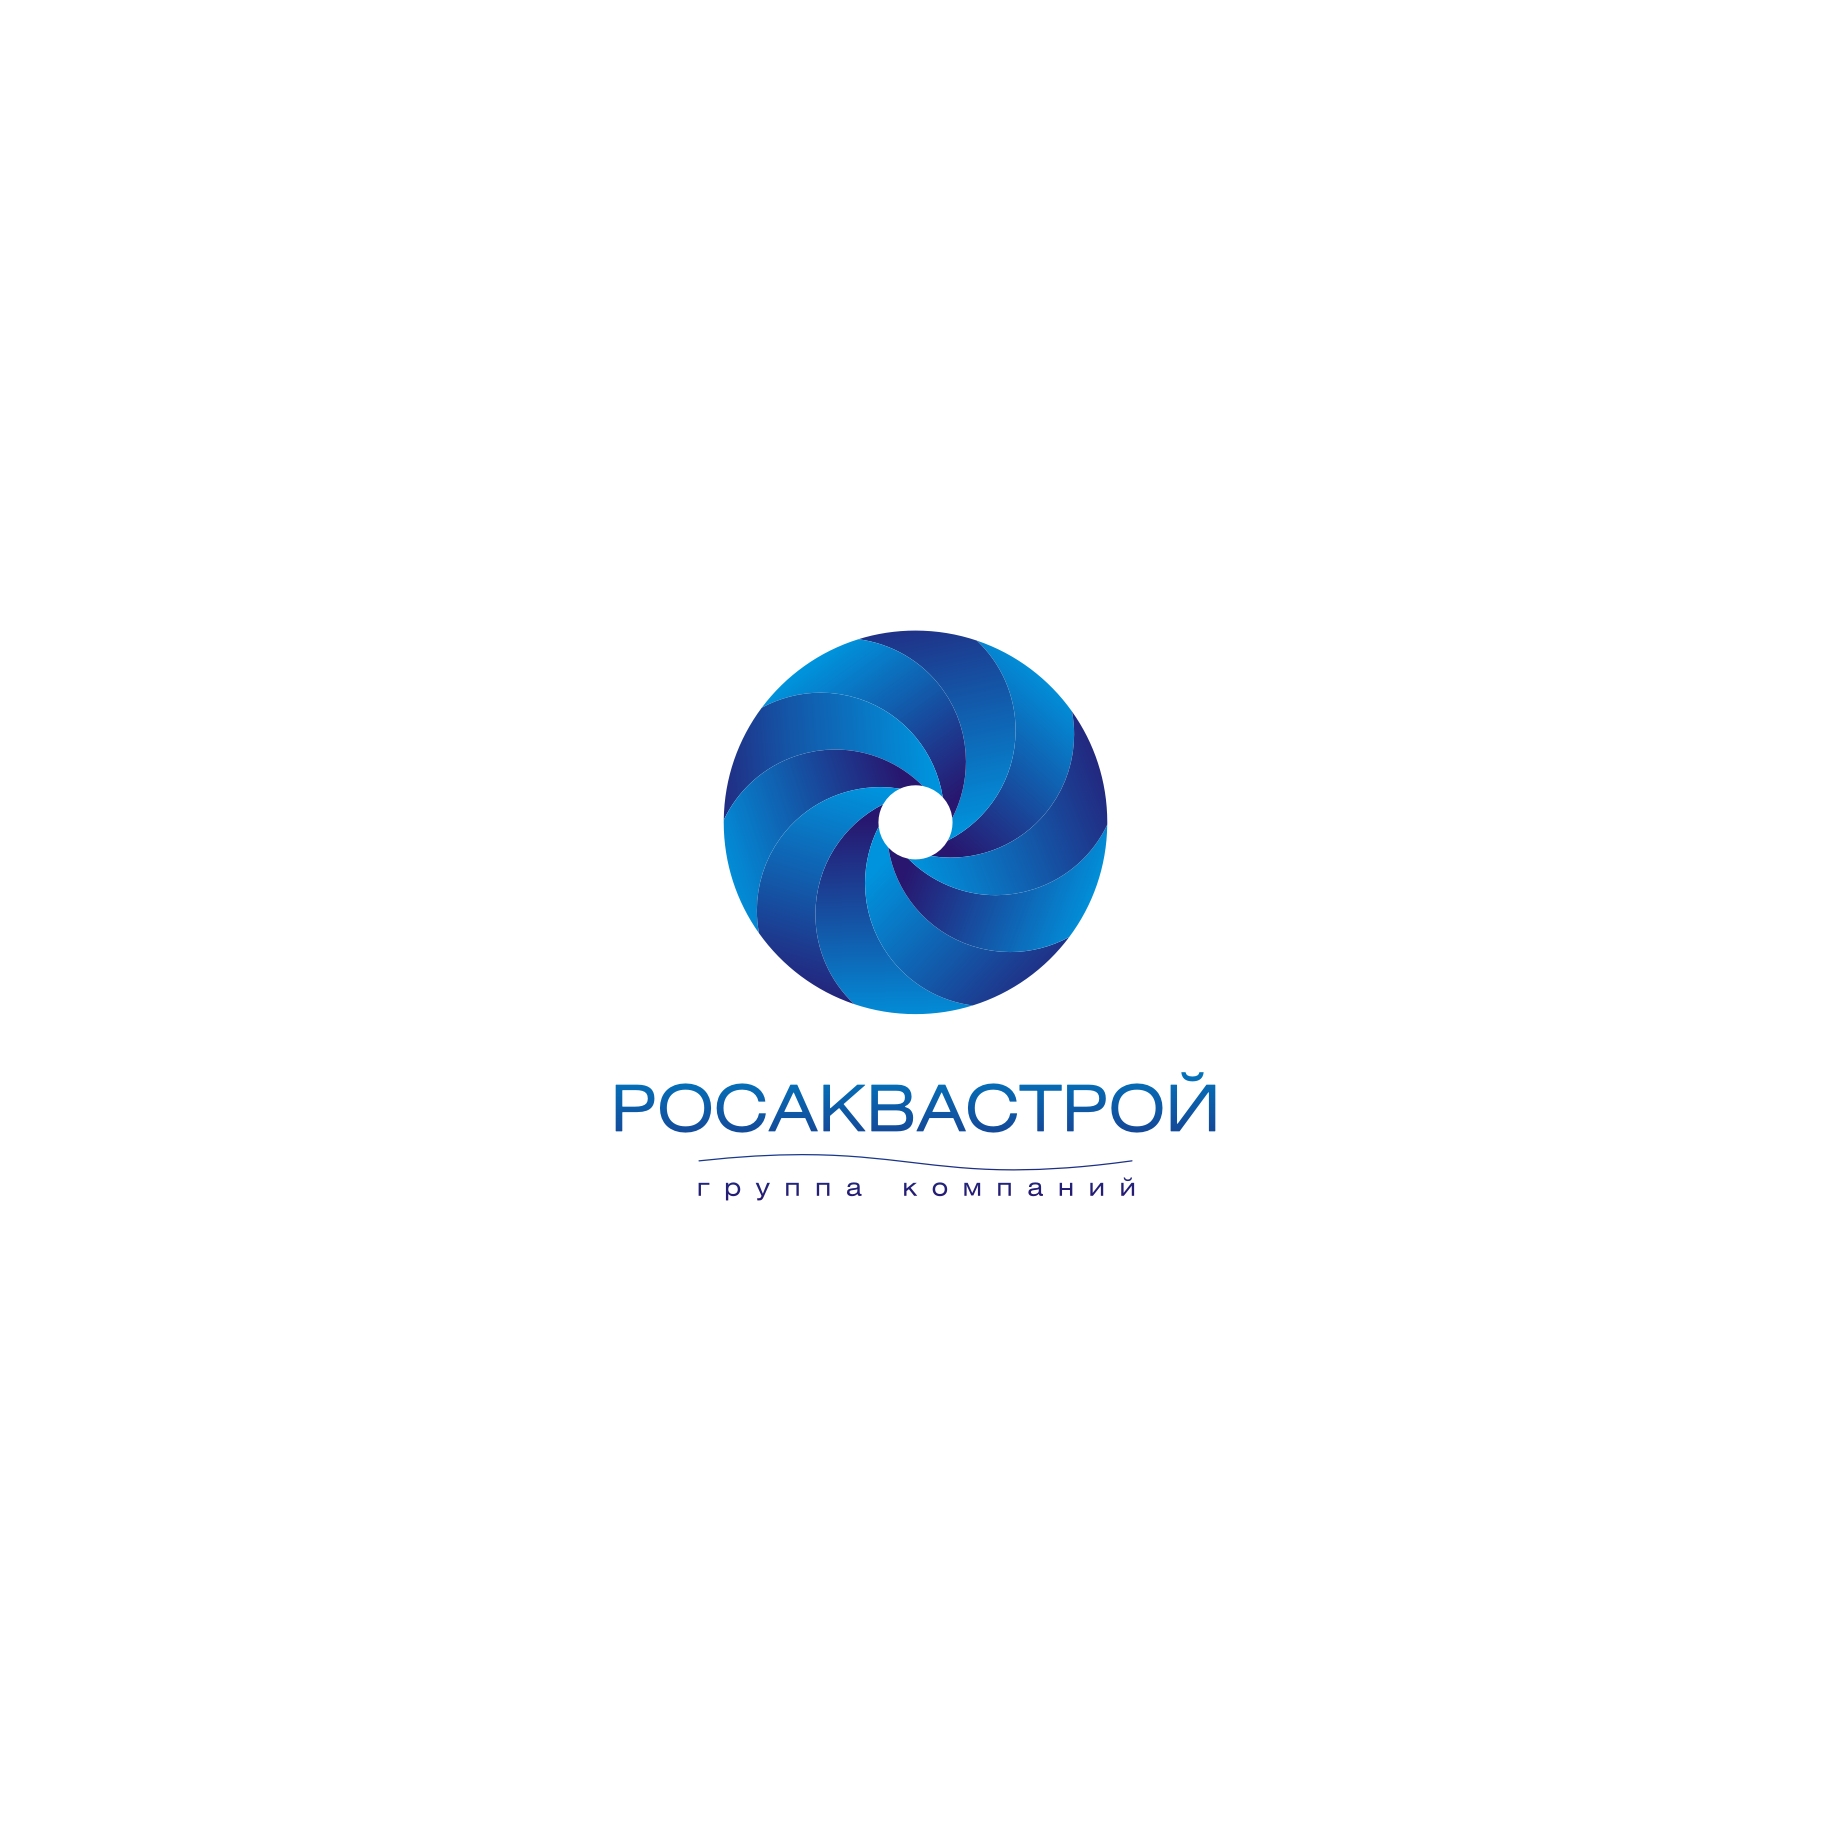 Создание логотипа фото f_4eb05936c7573.jpg